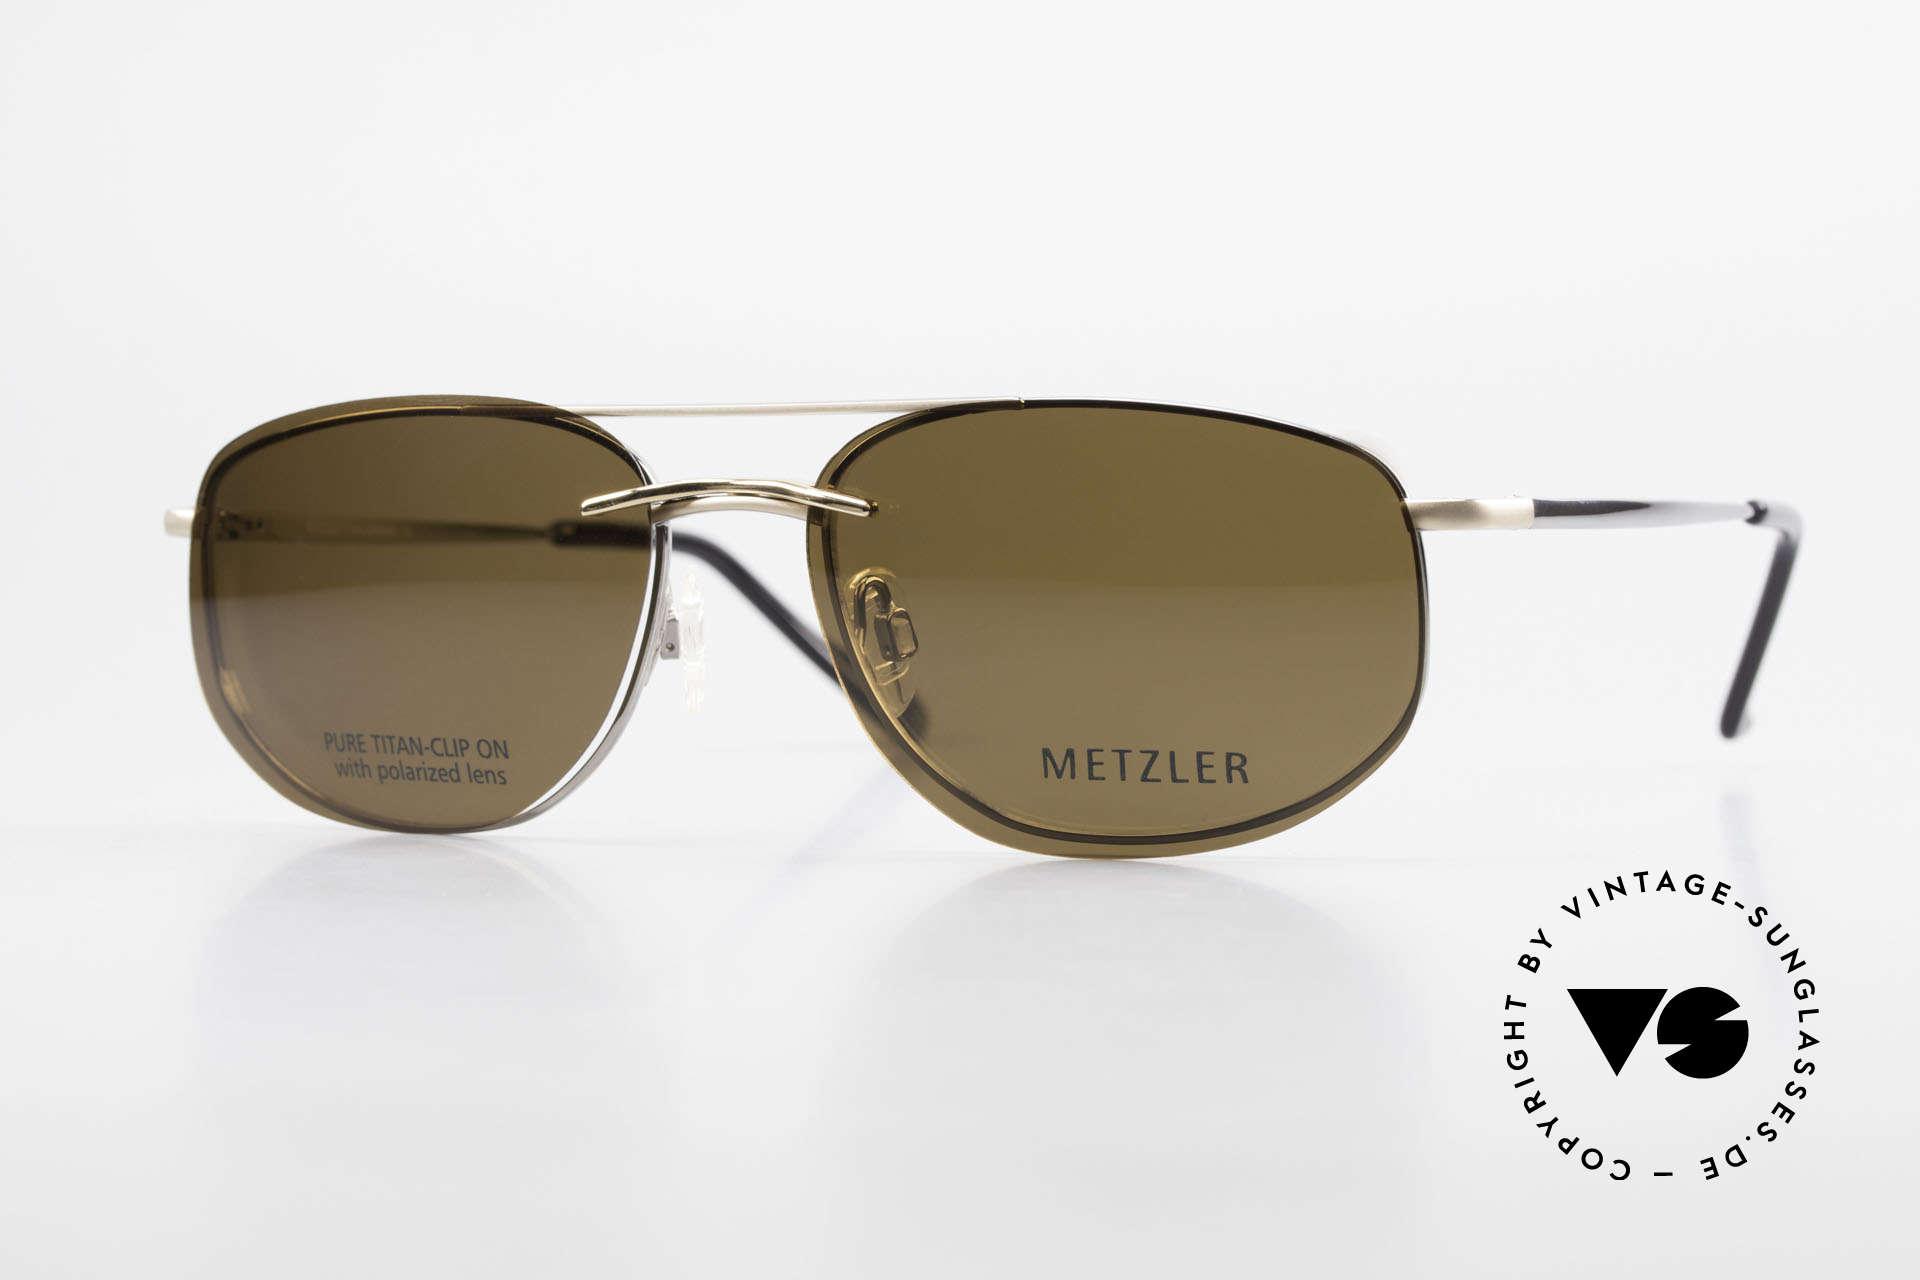 Metzler 1715 Titanbrille 90er Polarisierend, 90er Titan Metzler Brille 1715, col 023, Gr. 58/18, 140, Passend für Herren